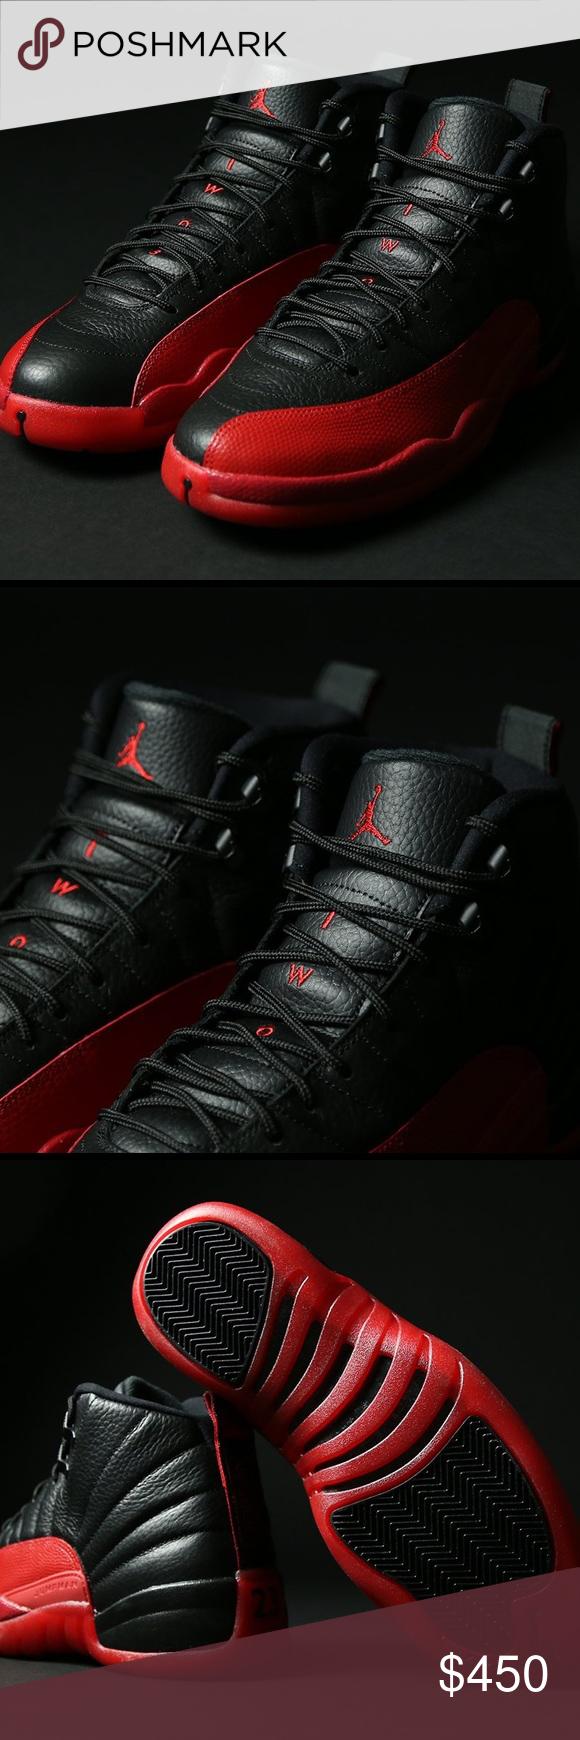 2b6f3e72cf7fd Jordan 12s Flu Game •Jordan 12 Flu Game (Men Sizes) Jordan Shoes Sneakers